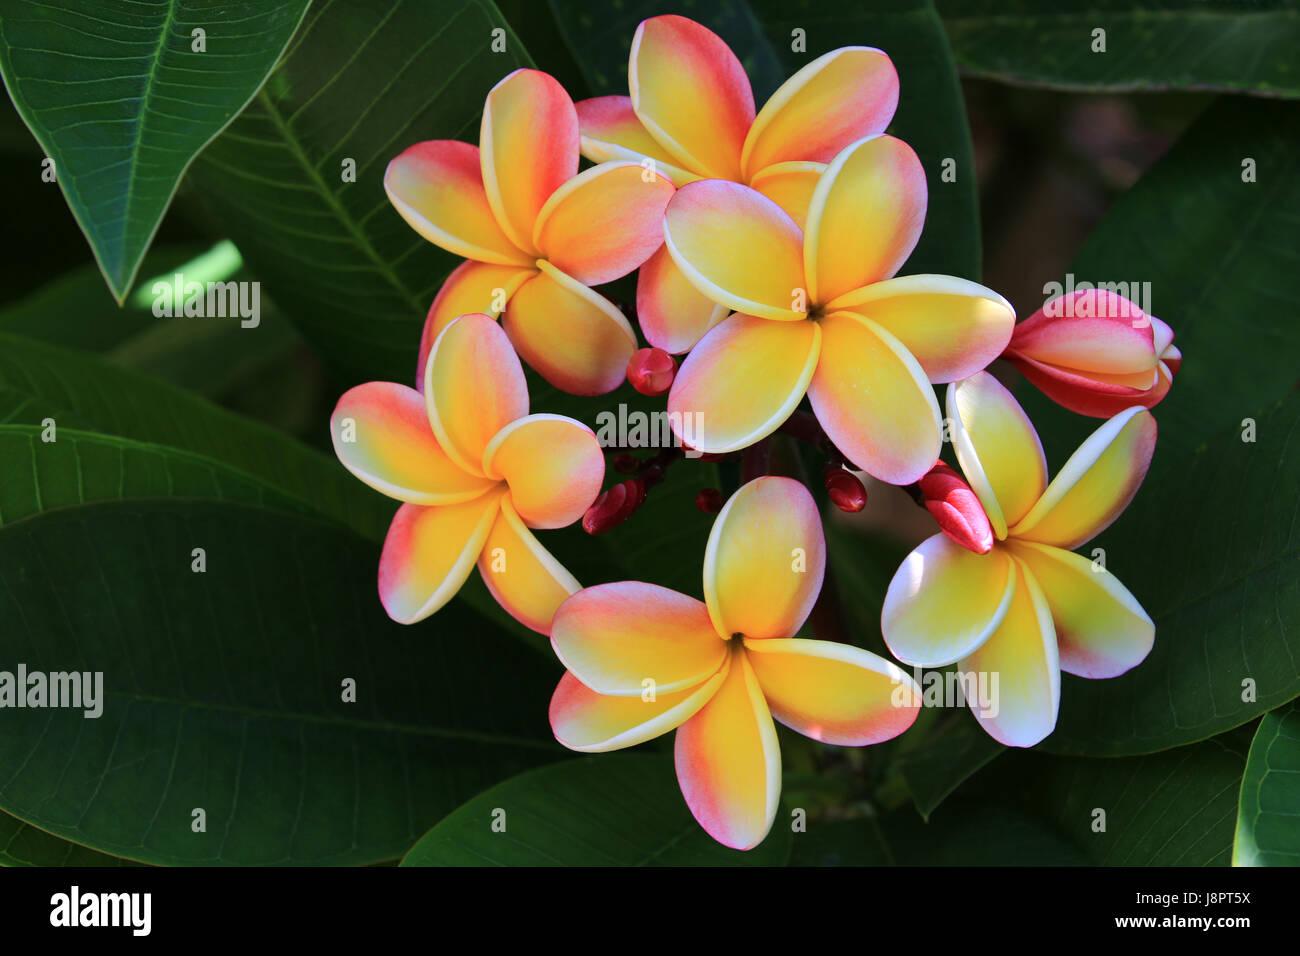 Lei rainbow plumeria flowers, Hawaii - Stock Image